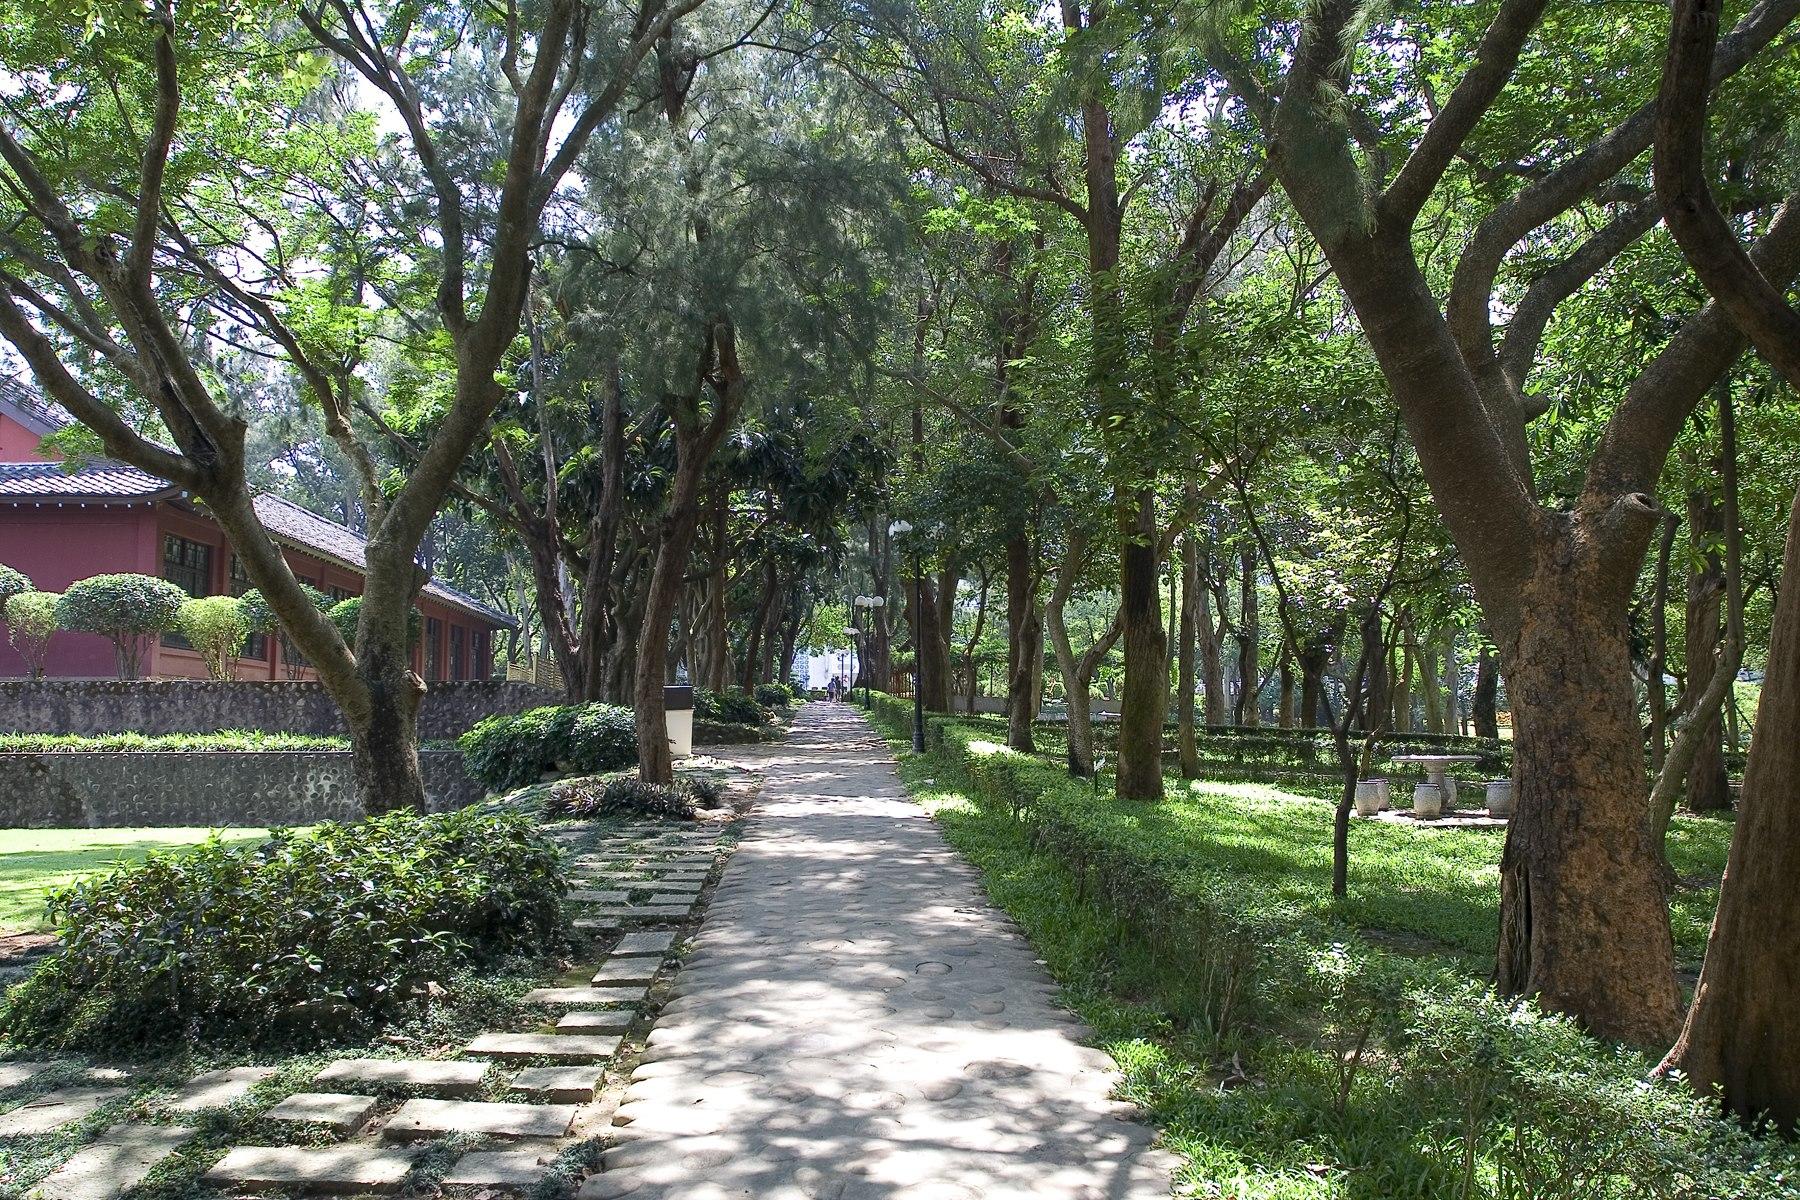 Tamkang University Campus